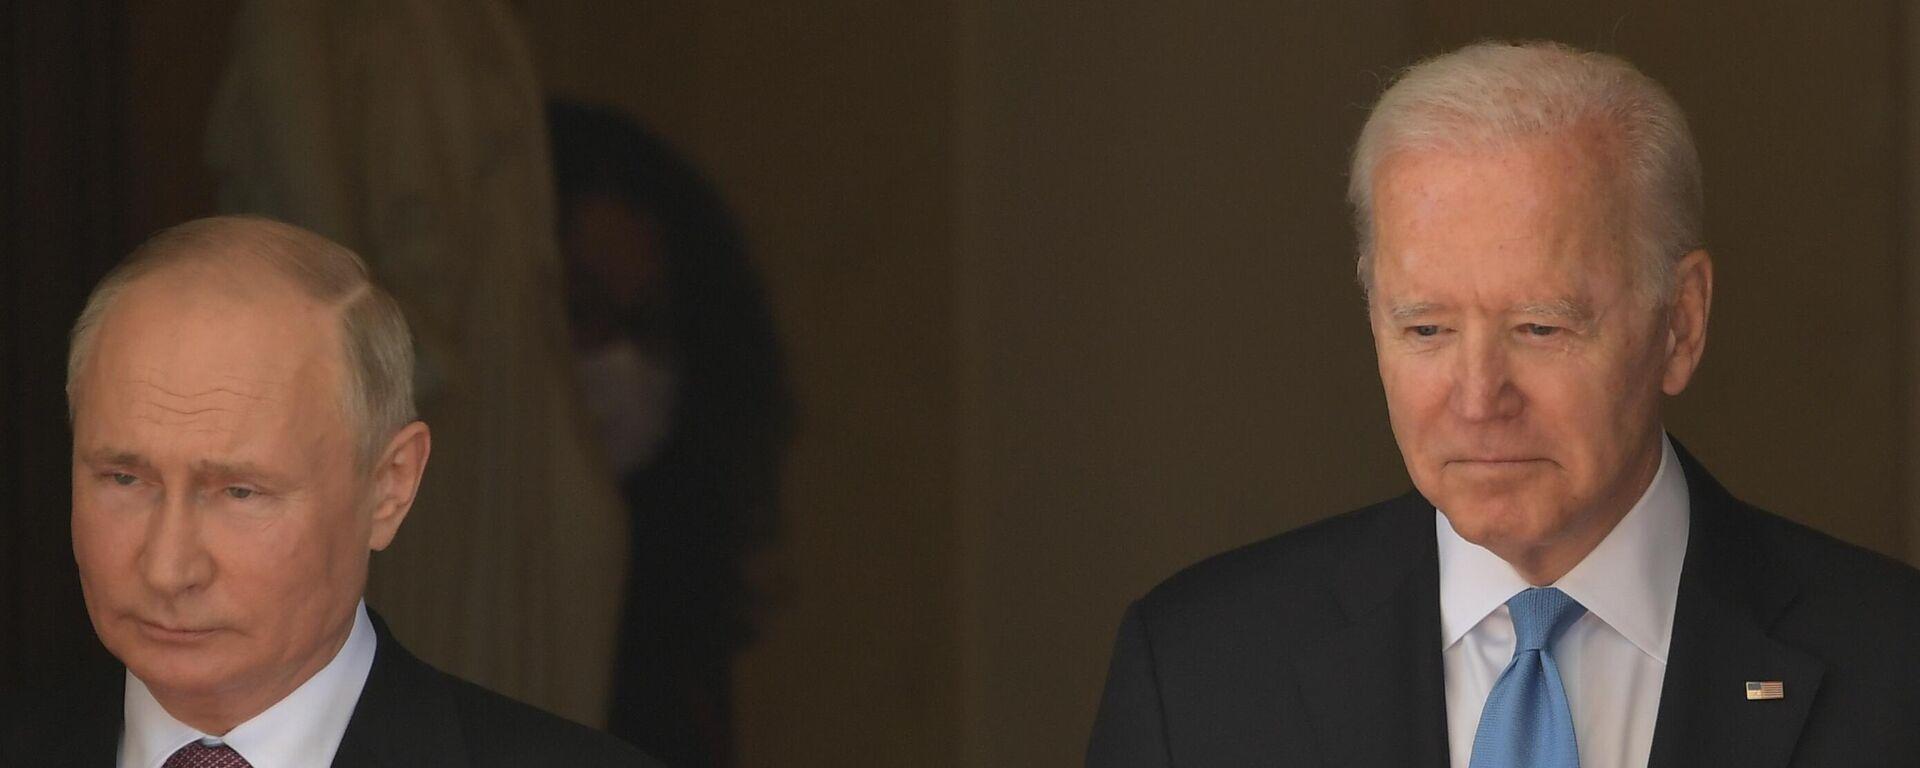 Женева в преддверии саммита президента России В. Путина и президента США Дж. Байдена - Sputnik Таджикистан, 1920, 20.08.2021